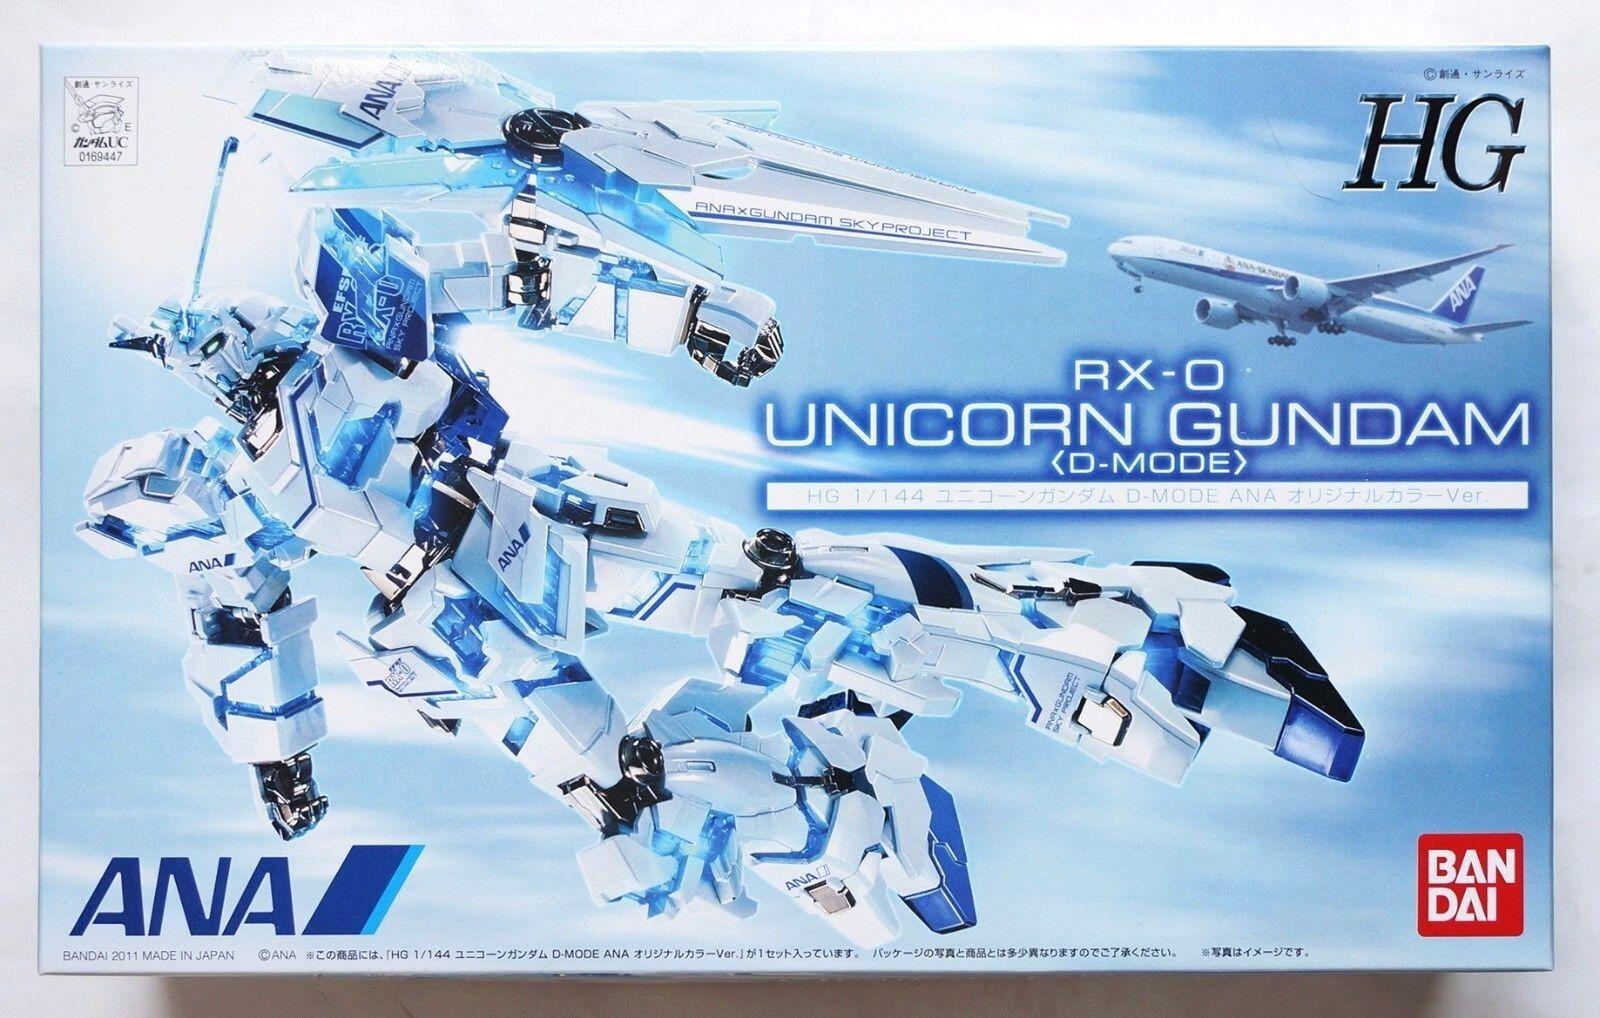 BANDAI HG 1  144 RX -0 Unicorn Gundam D -mode ANA originalfärgbegränsat modellllerlkit